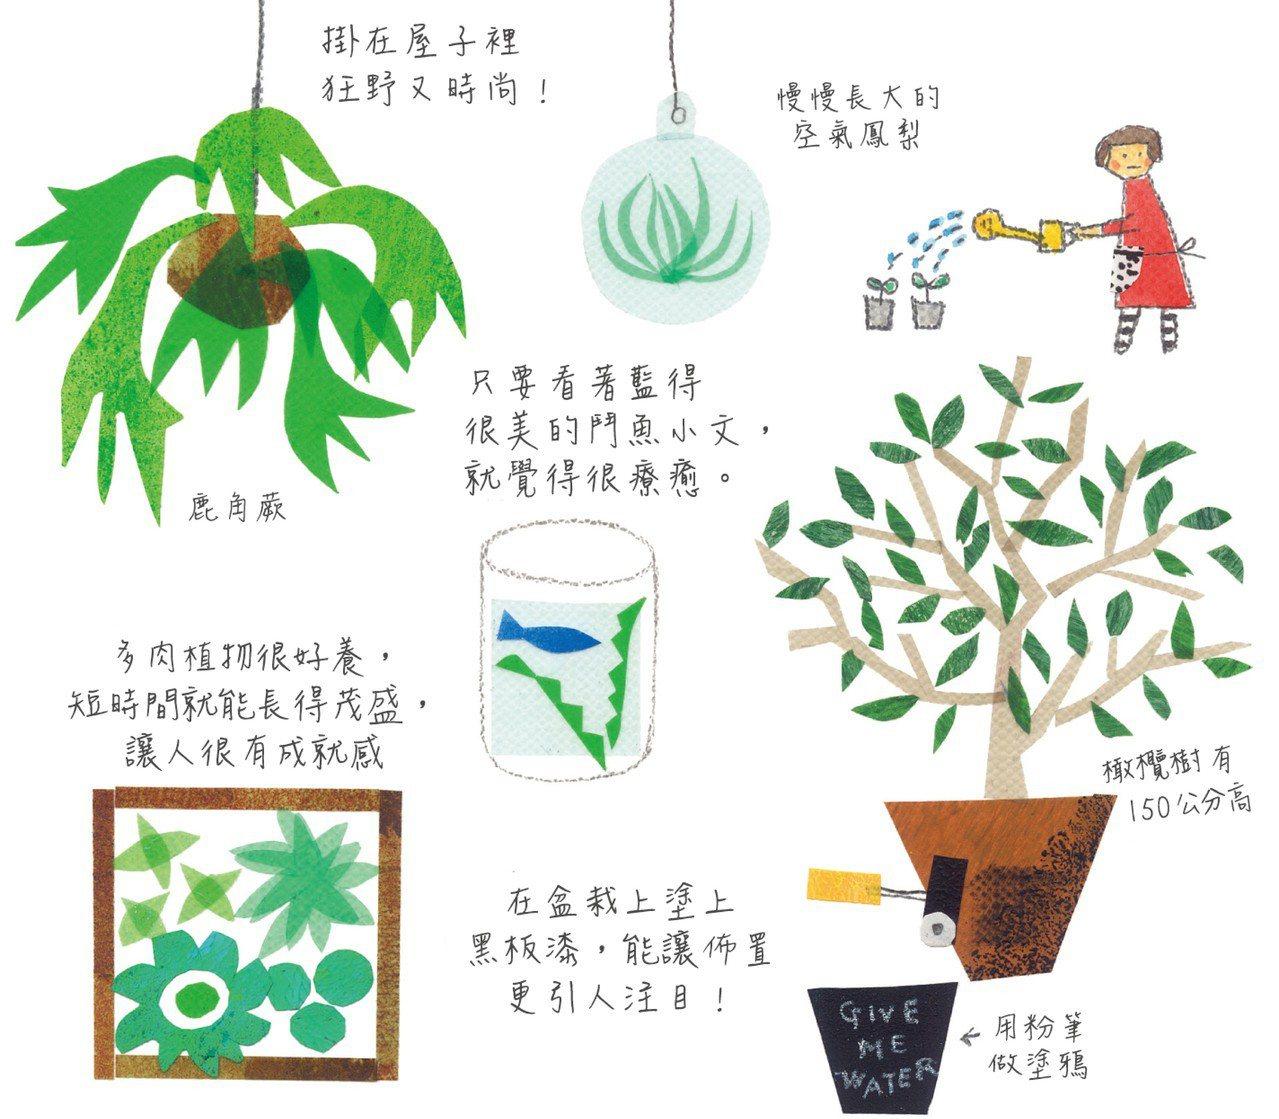 圖/堀川波繪,遠流出版提供